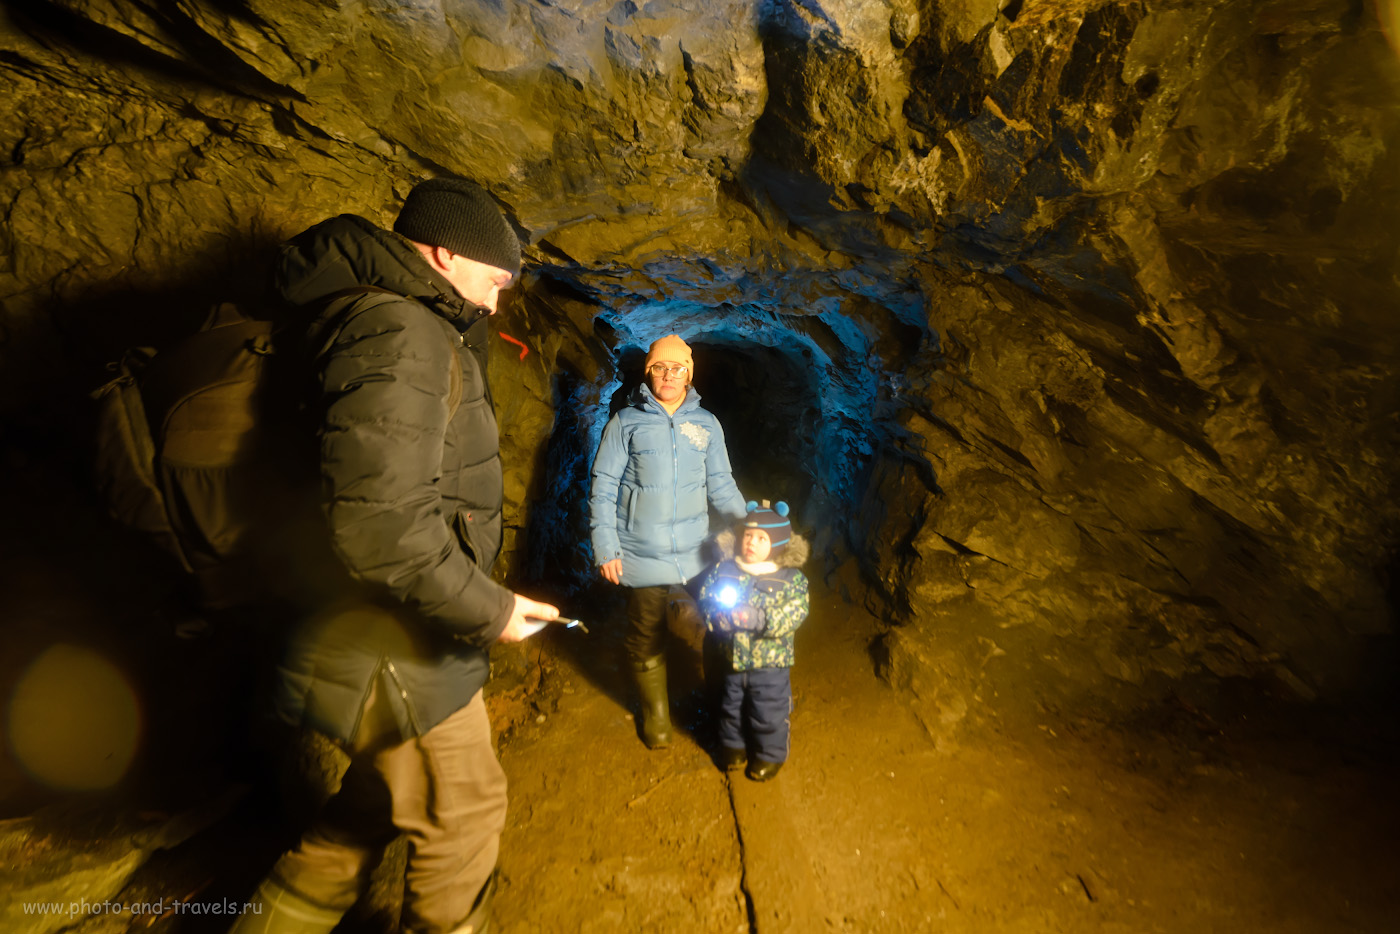 14. За спиной у автора фотоотчета был рюкзак Lowepro Flipside 400 AW. Как мы фотографировали семейный портрет в шахте. 1/30, 2.8, 1600, +0.33, 14.